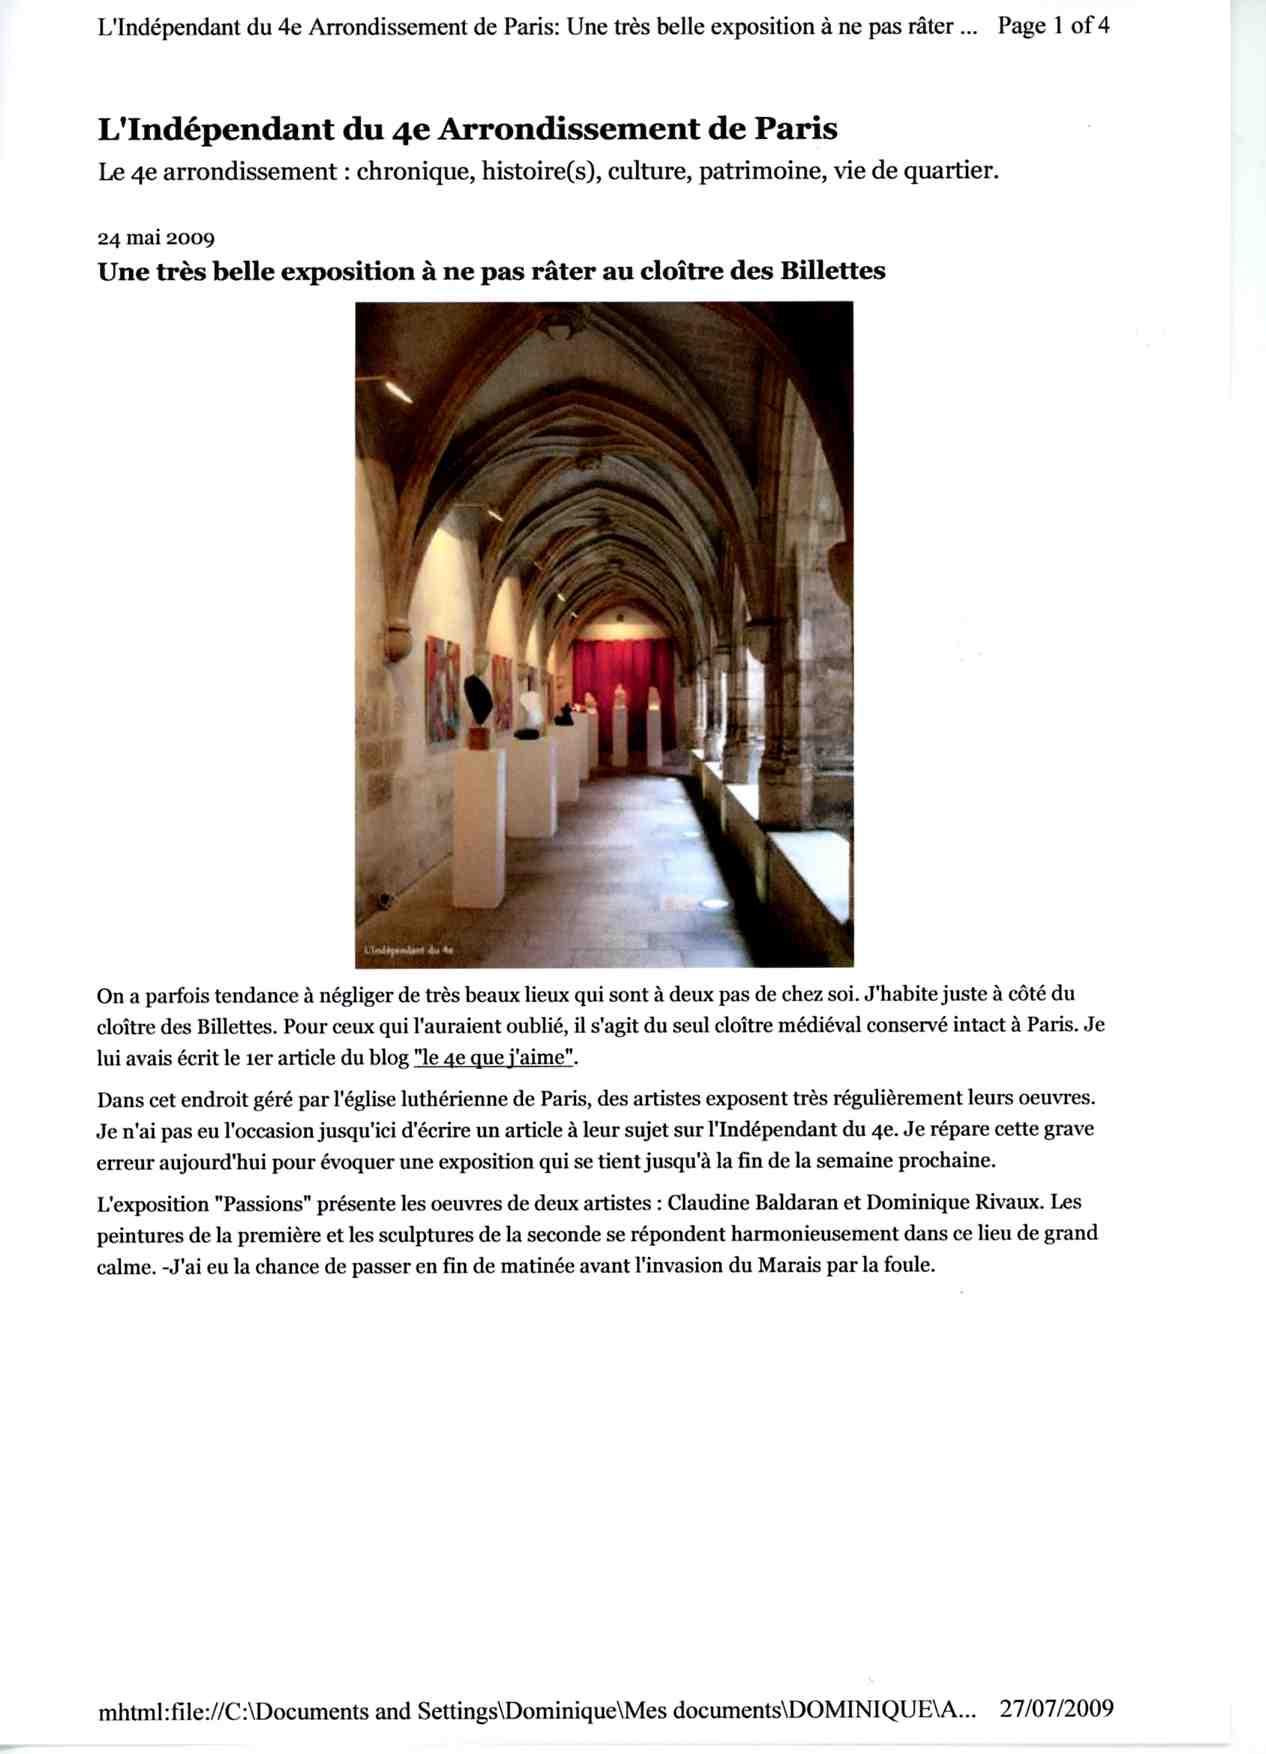 Article de L'Indépendant du 4e Arrondissement de Paris